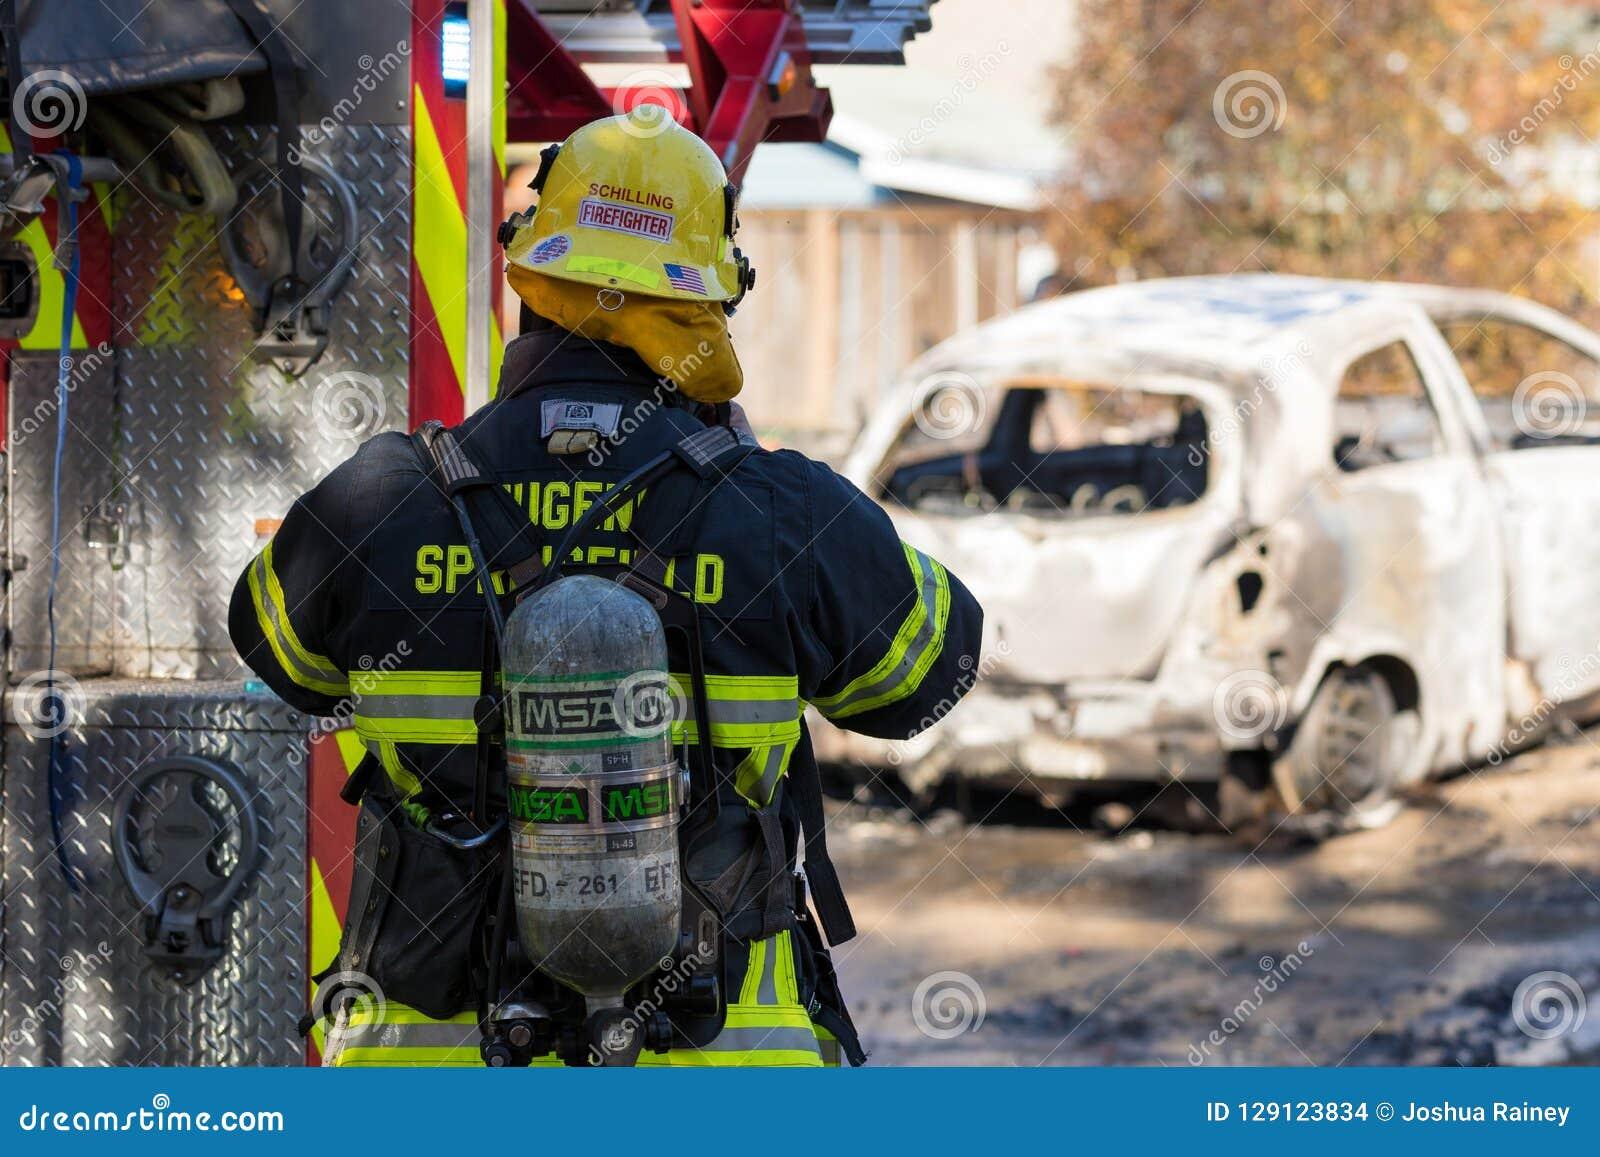 Incidente del pistolero del incendio provocado en Springfield Oregon el 27 de octubre